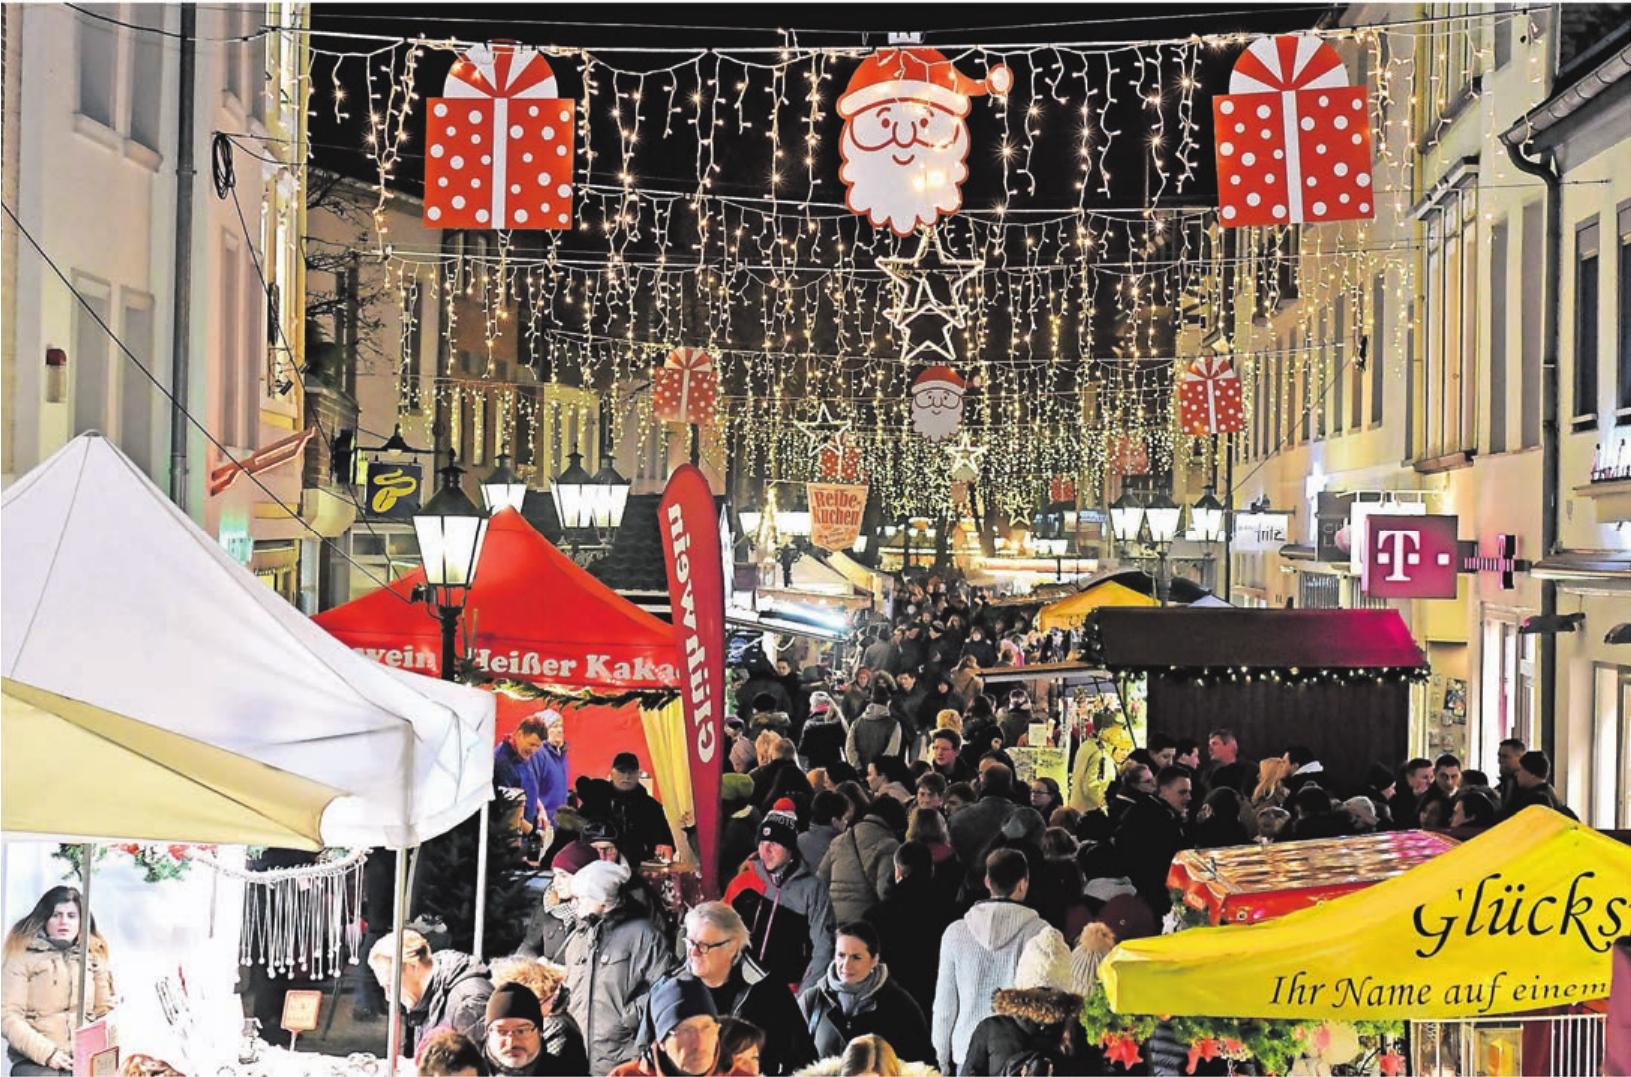 Ein Höhepunkt auf dem Markt der Sterne wird der Besuch des Nikolaus sein, der mit einer Kutsche durch Kempen ziehen wird. Er besucht am zweiten Adventswochenende die Kempener Altstadt und verteilt kleine Leckereien an die Kinder.